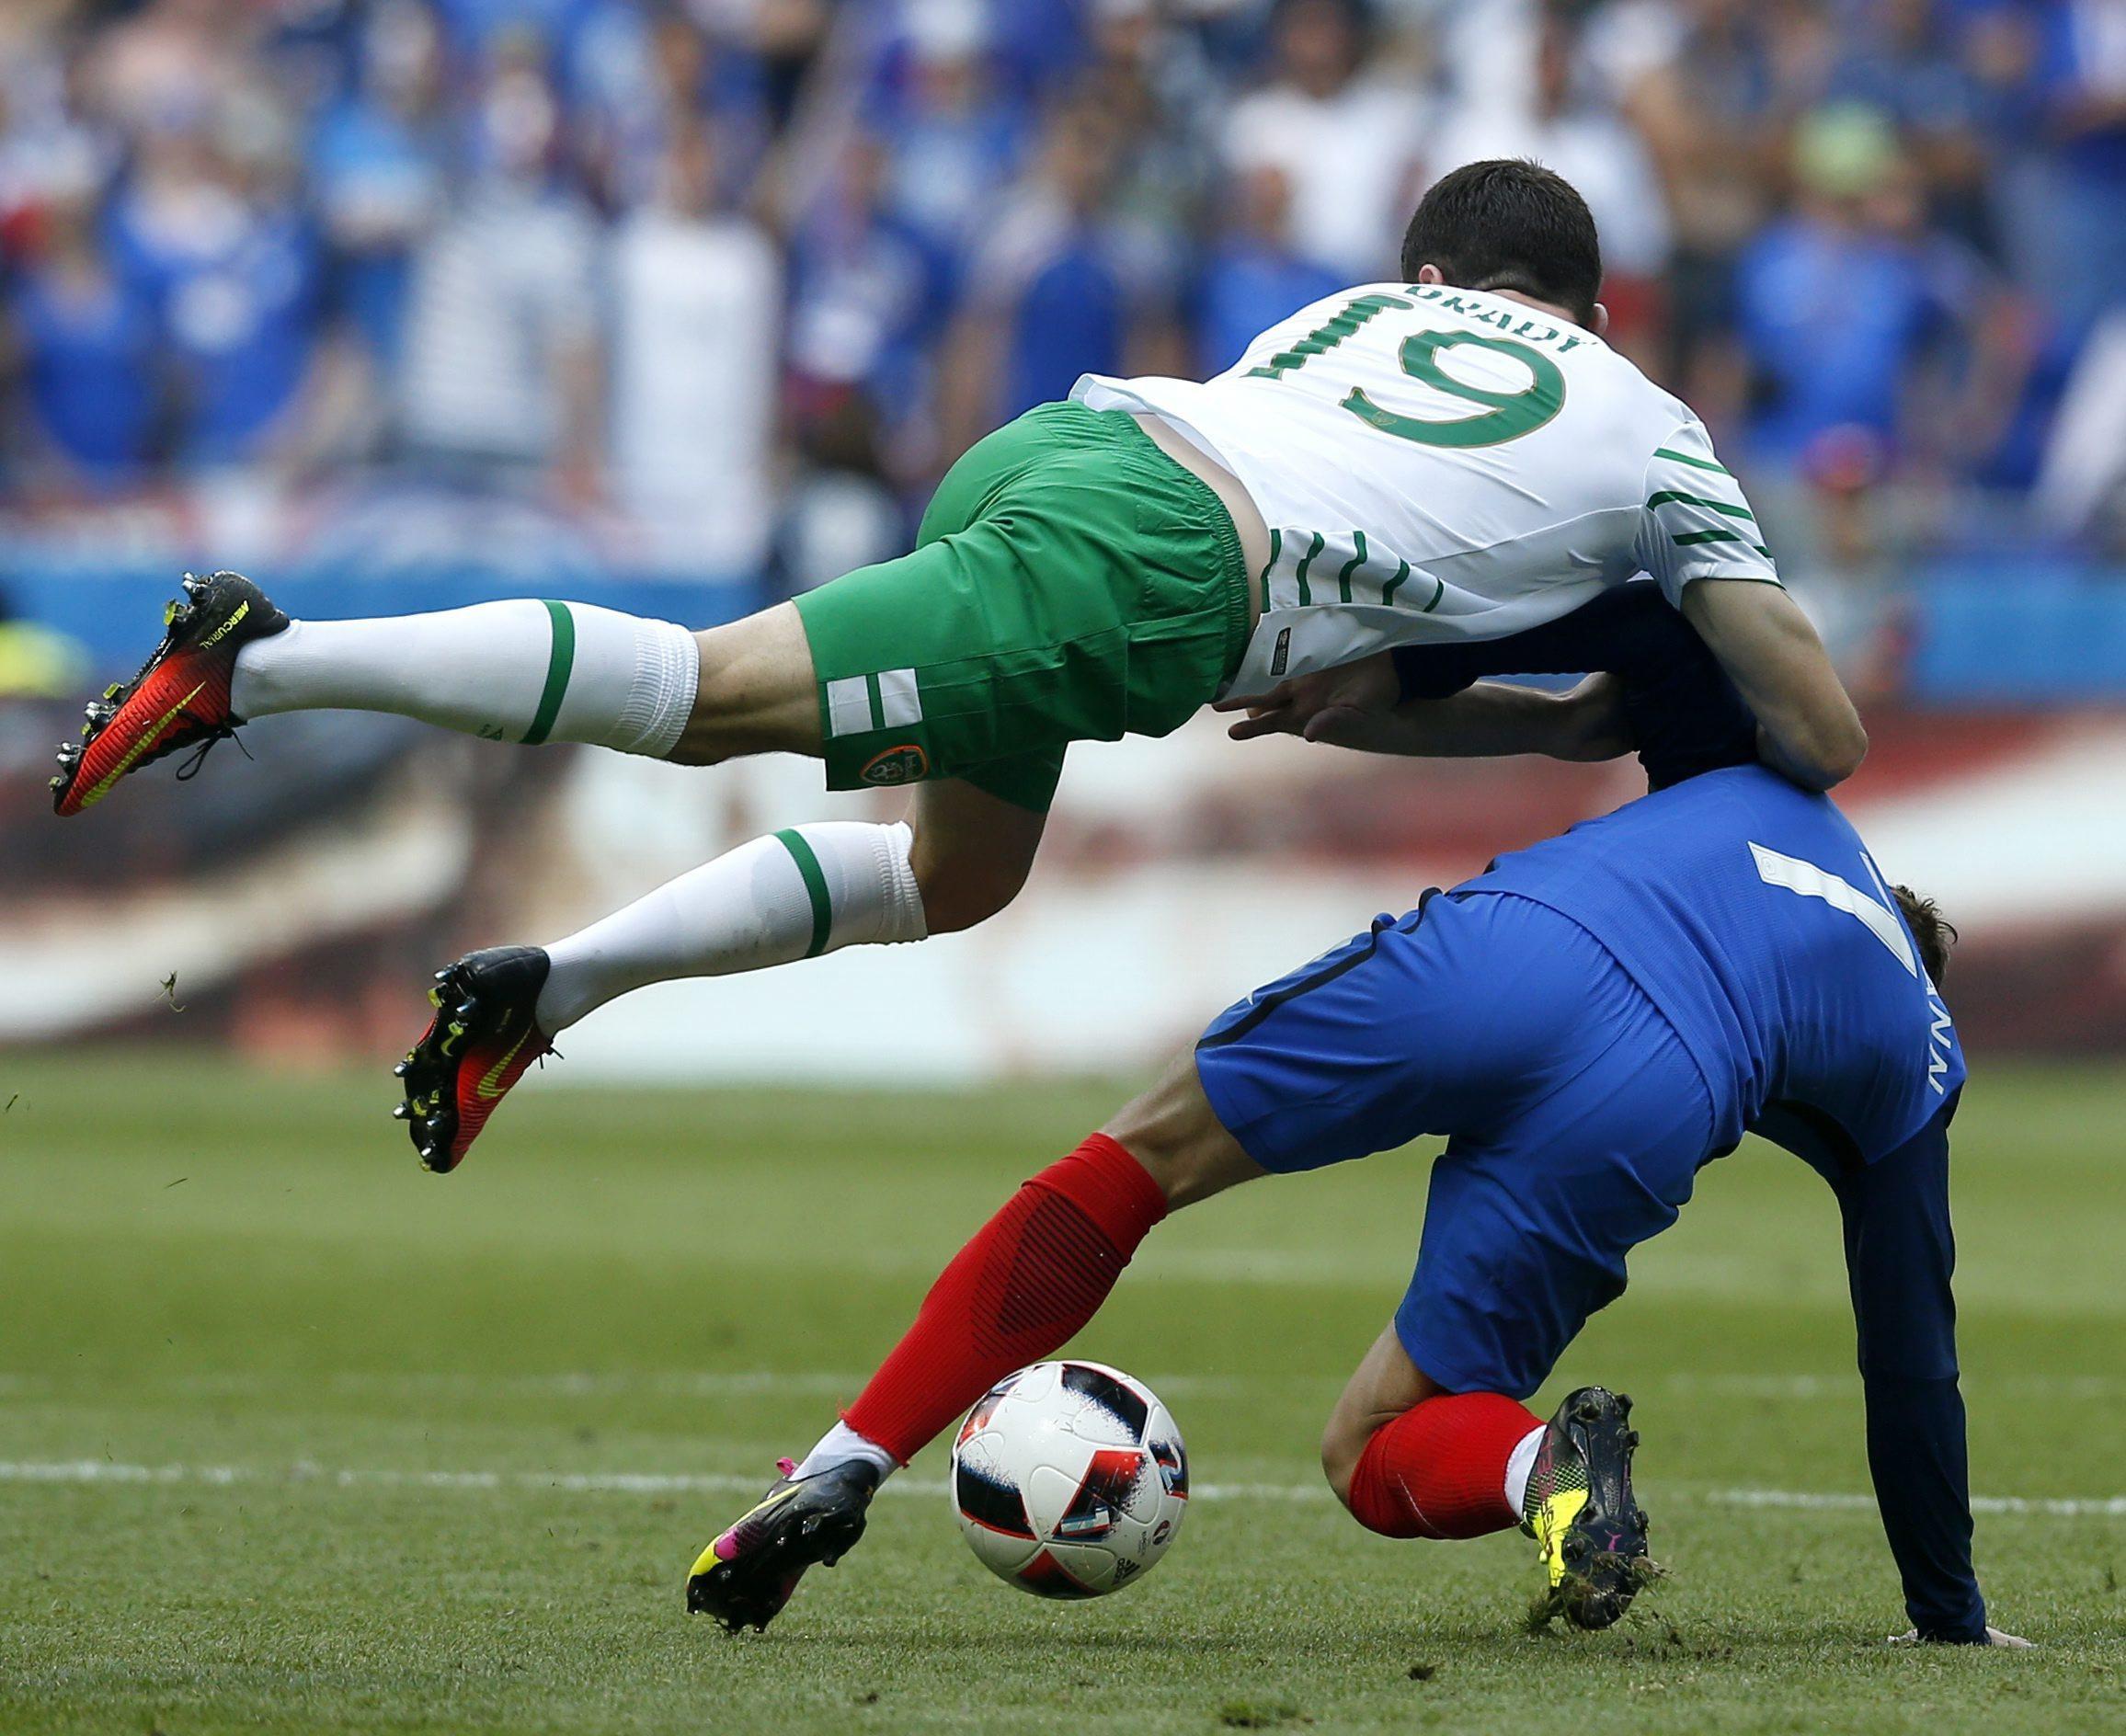 Francia, 2 - Irlanda, 1